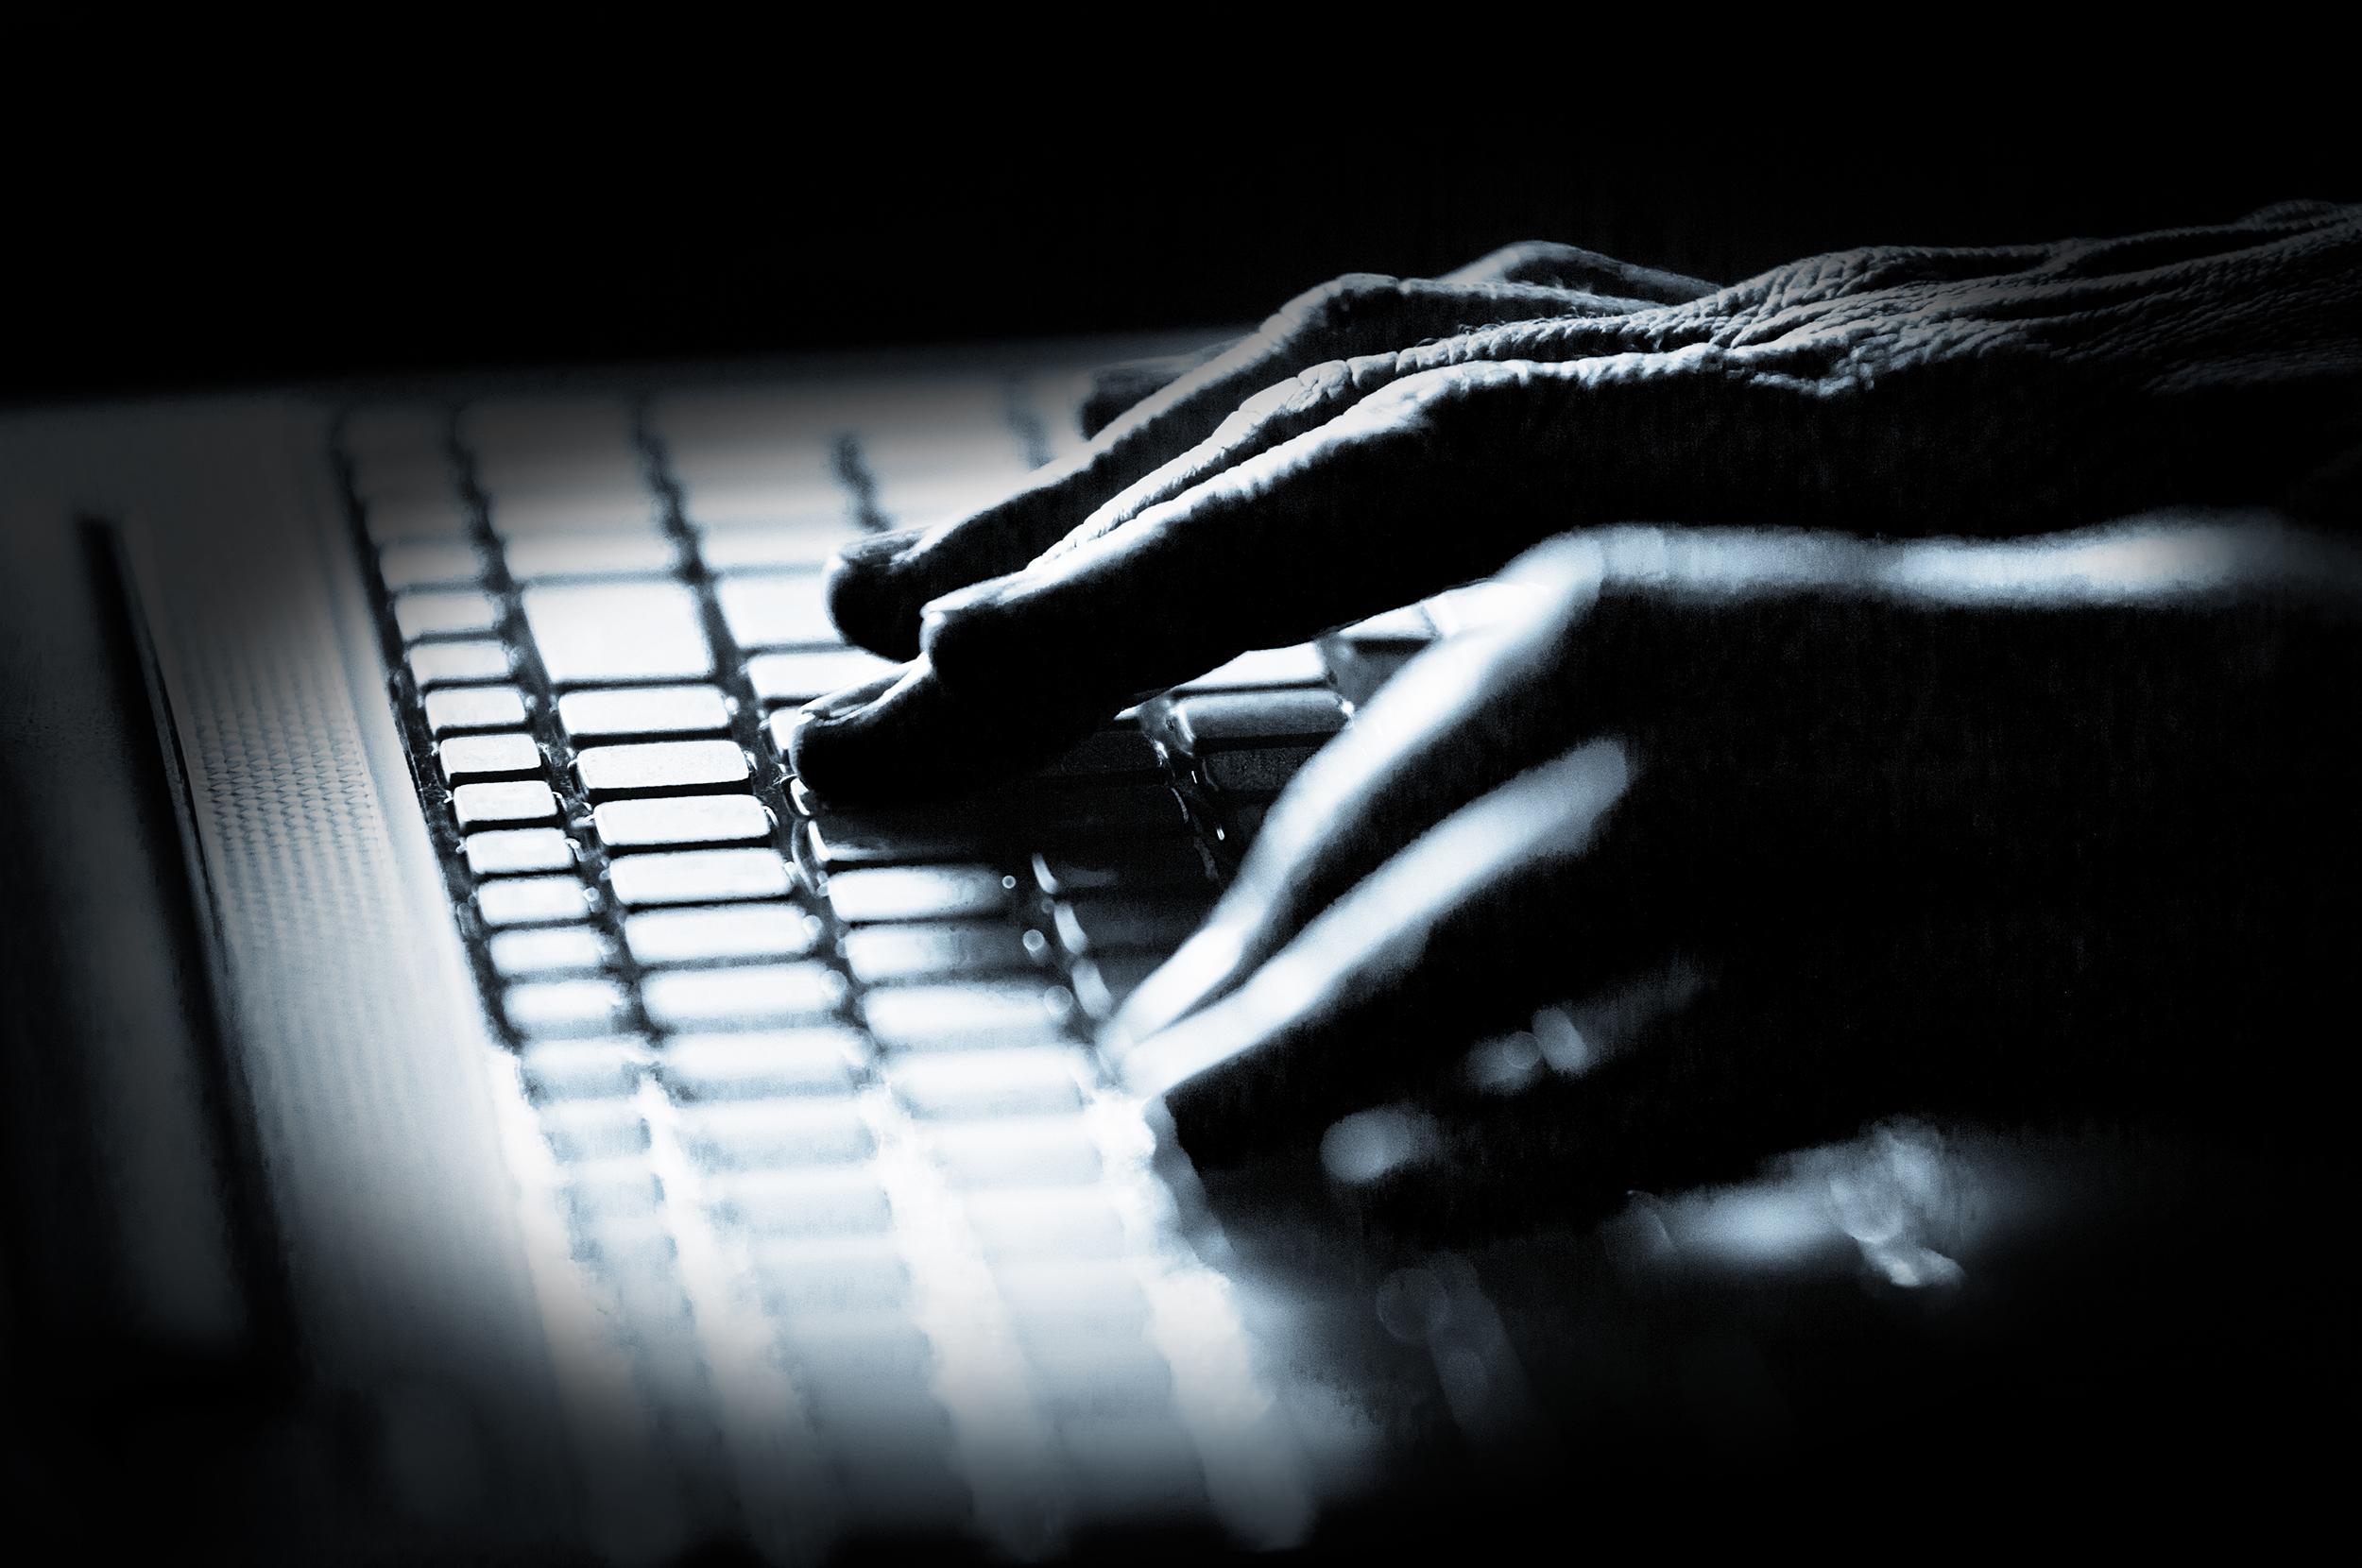 200701-hands-computer-keyboard-cyber-thr